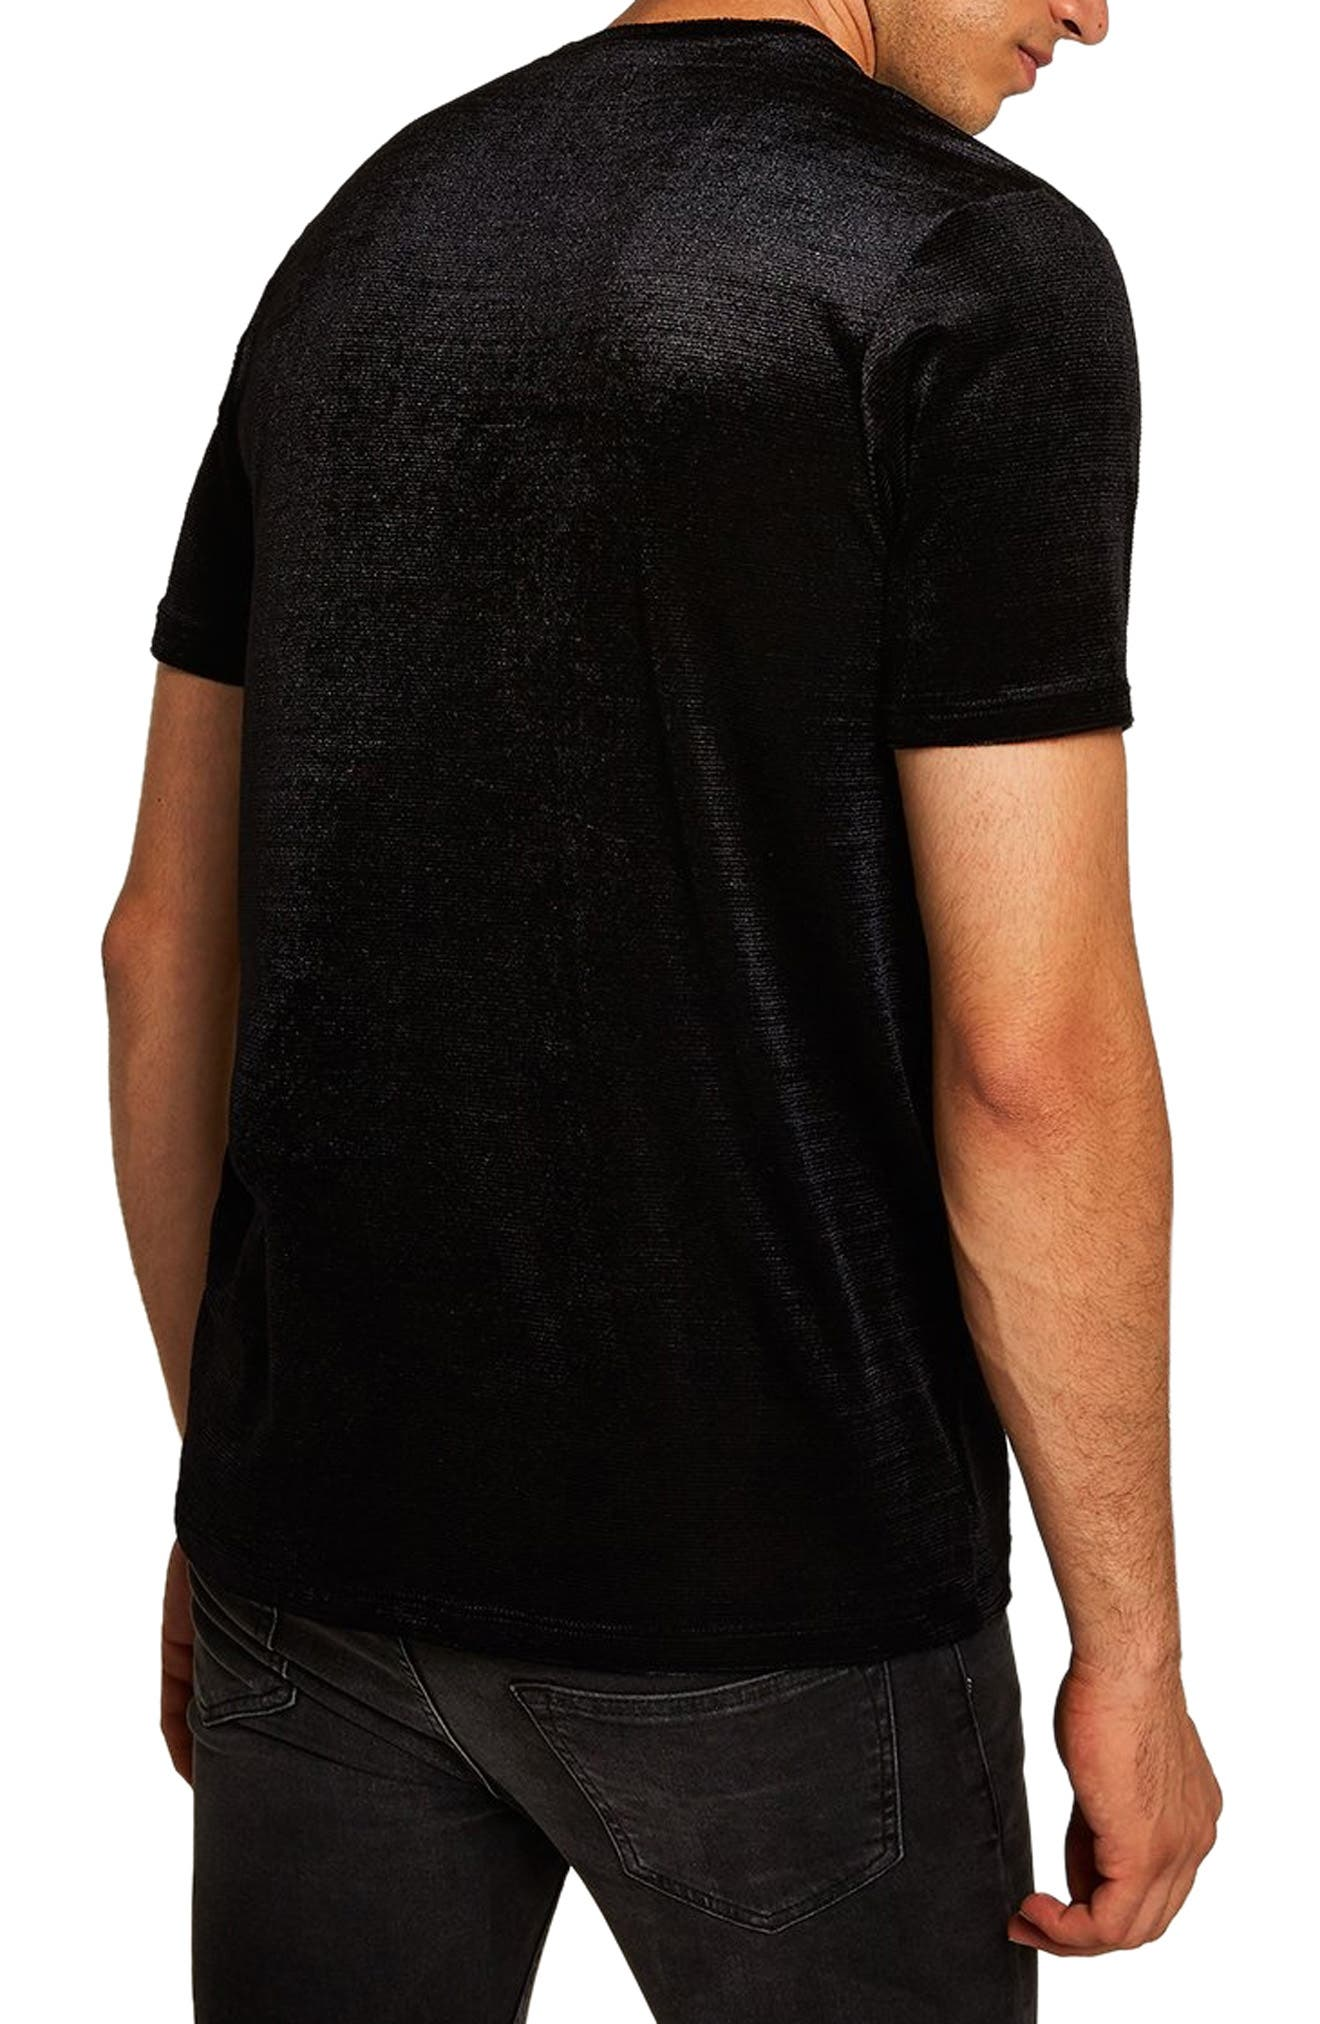 Topshop Velour Classic Fit T-Shirt,                             Alternate thumbnail 2, color,                             001